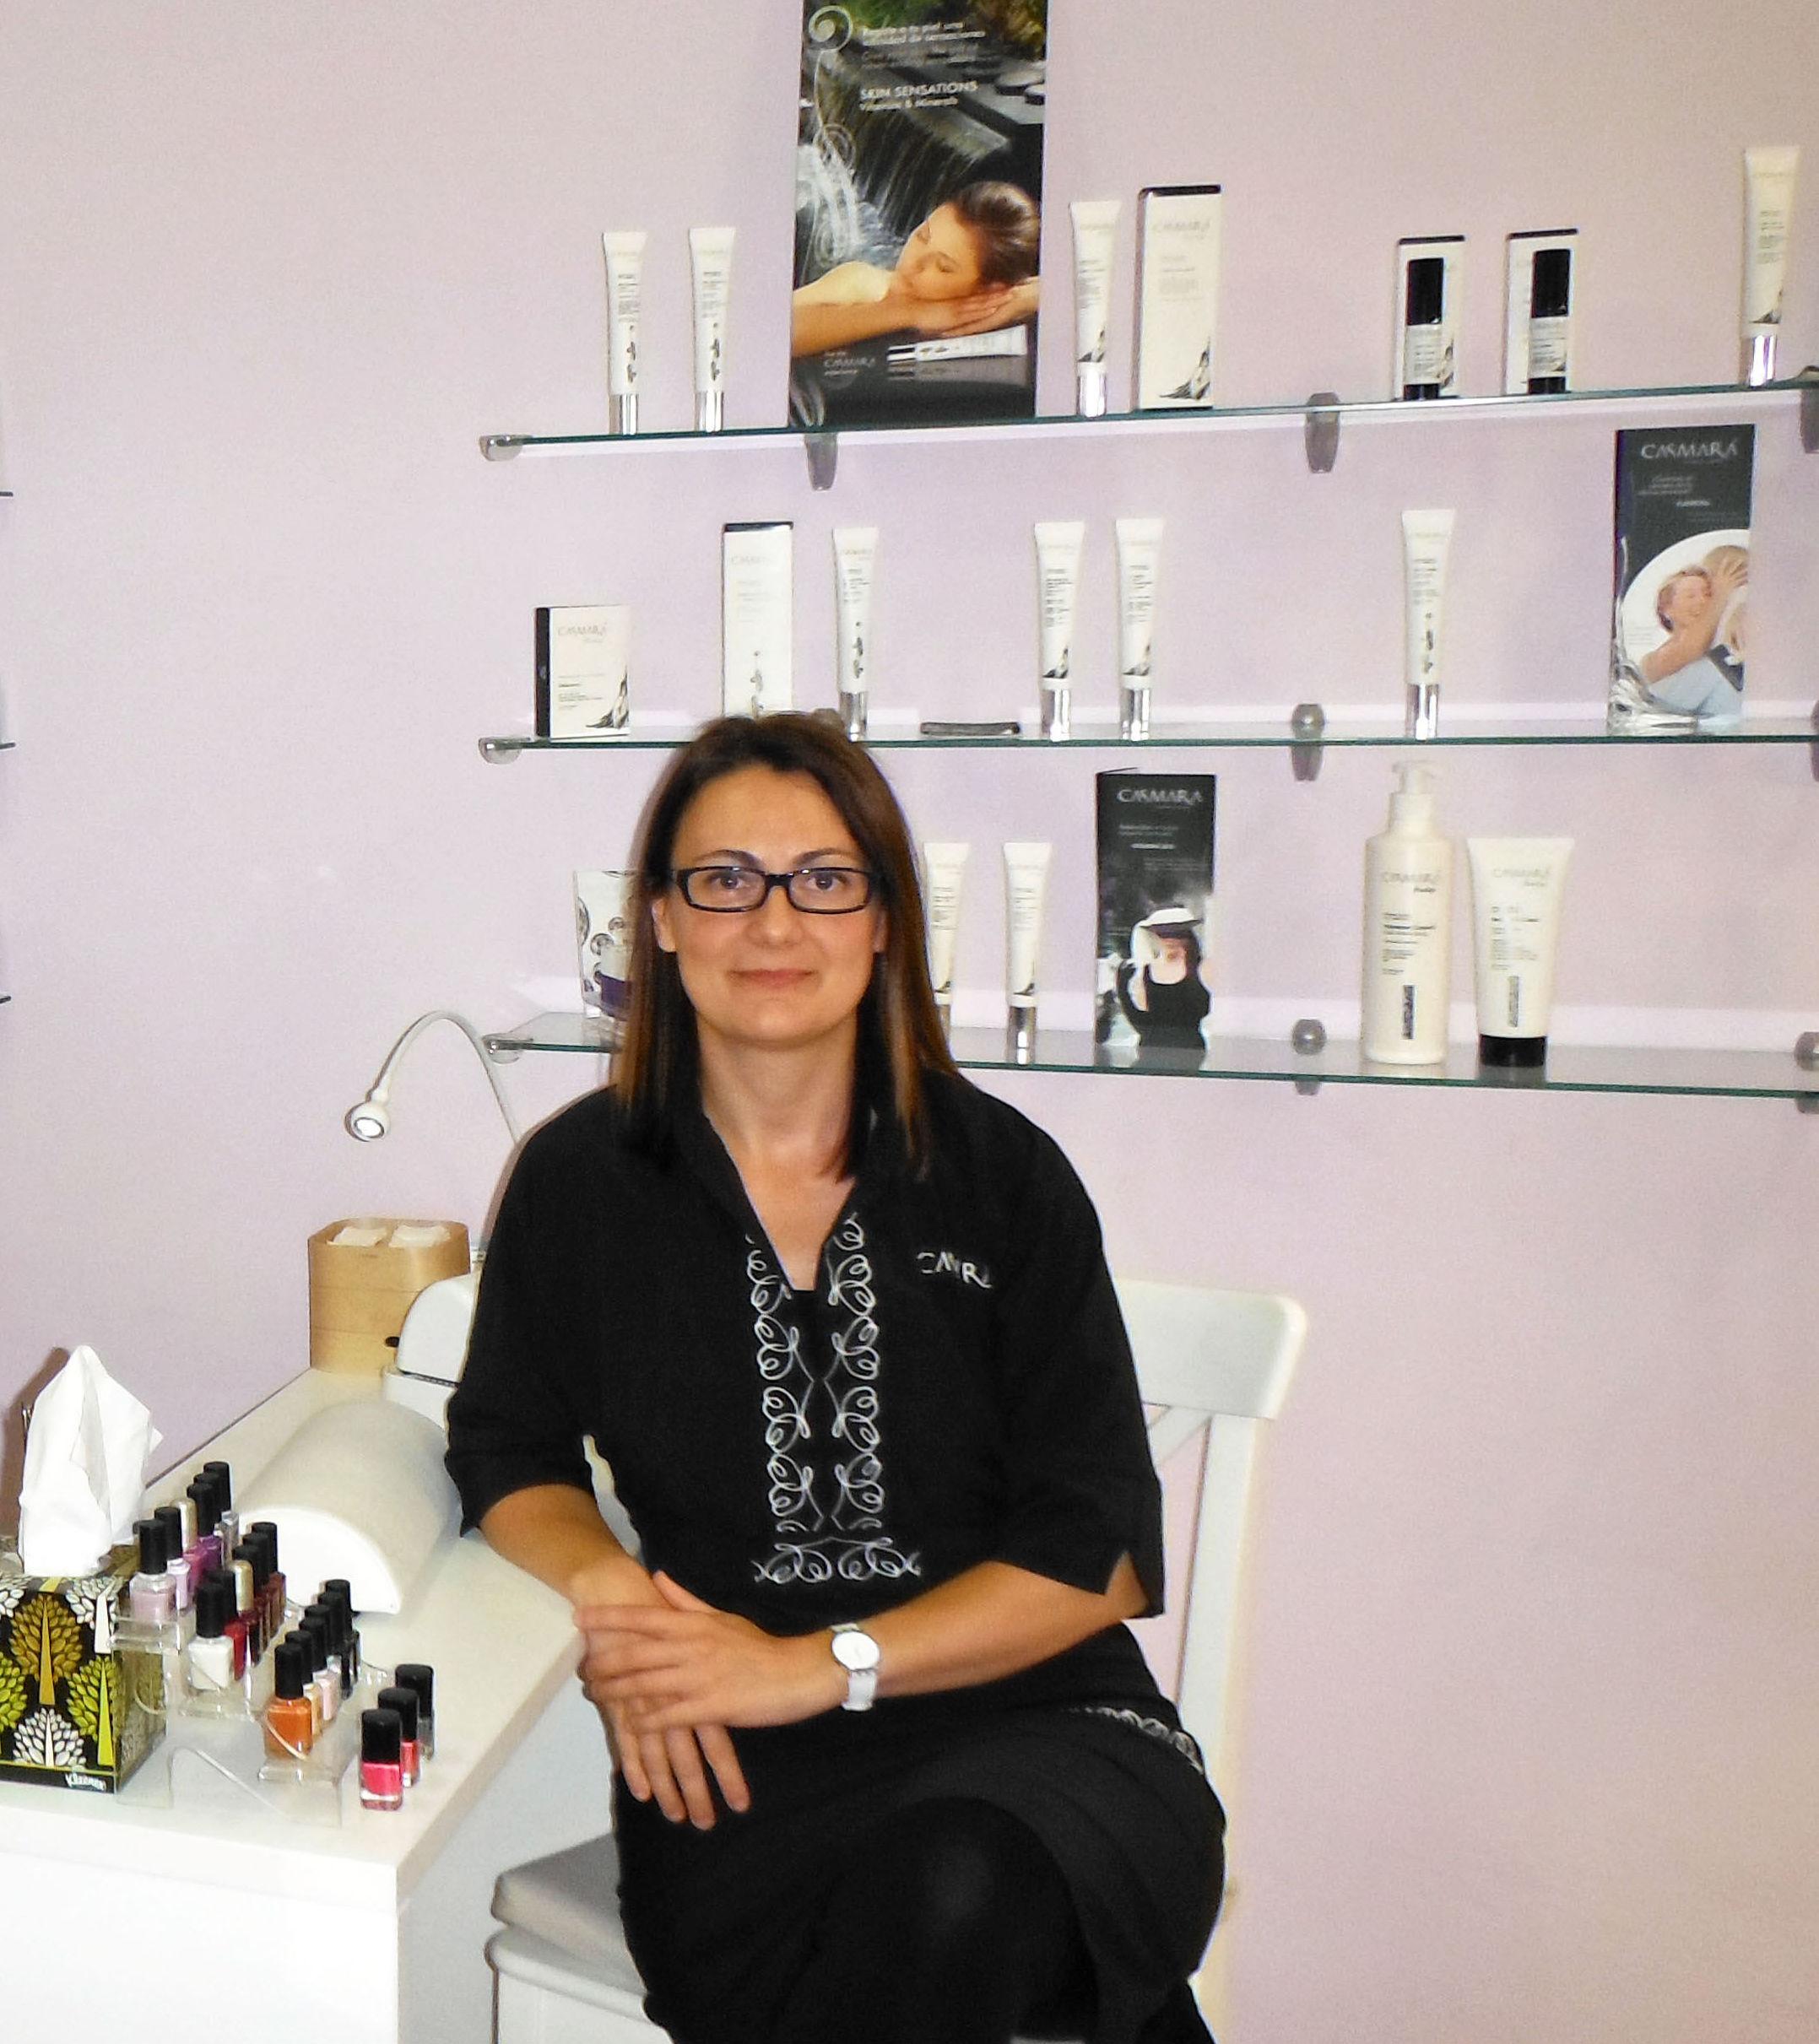 Esteticista y Directora de Bellesa i Benestar Maria -Maria Serrano